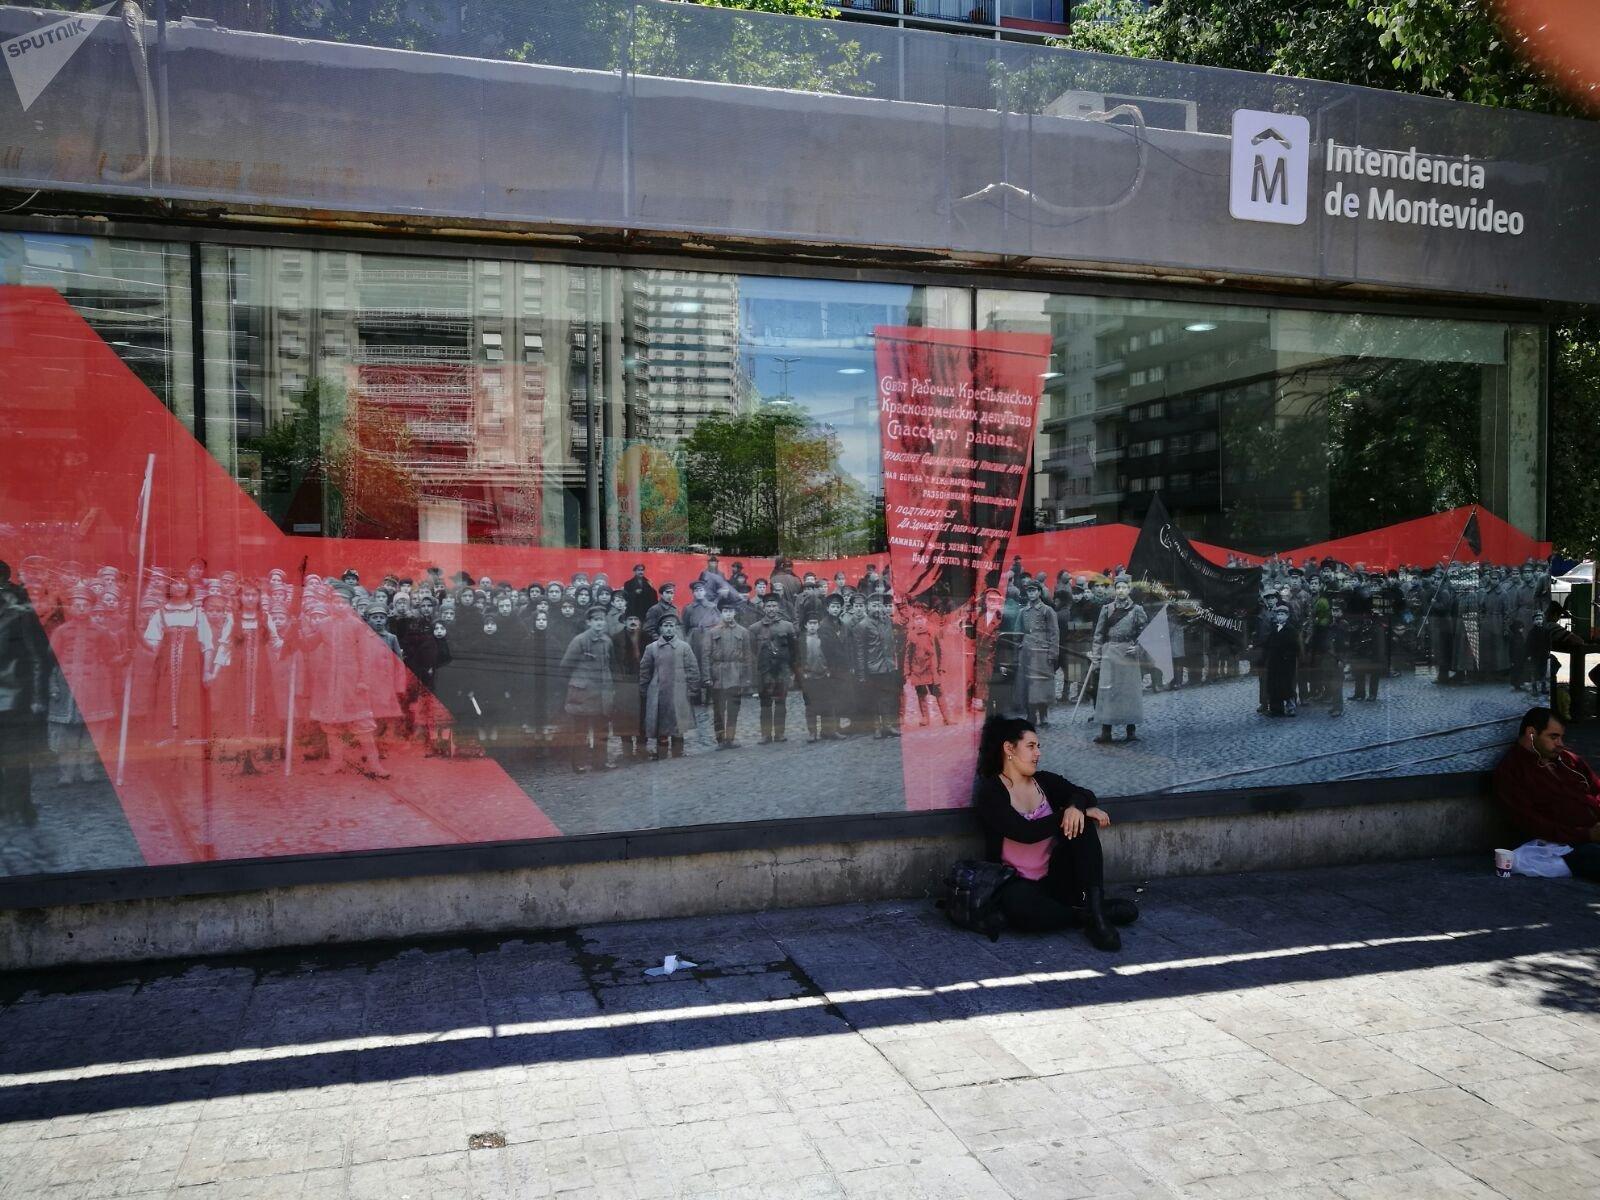 La muestra '100 años de Octubre Rojo', en Montevideo, Uruguay.